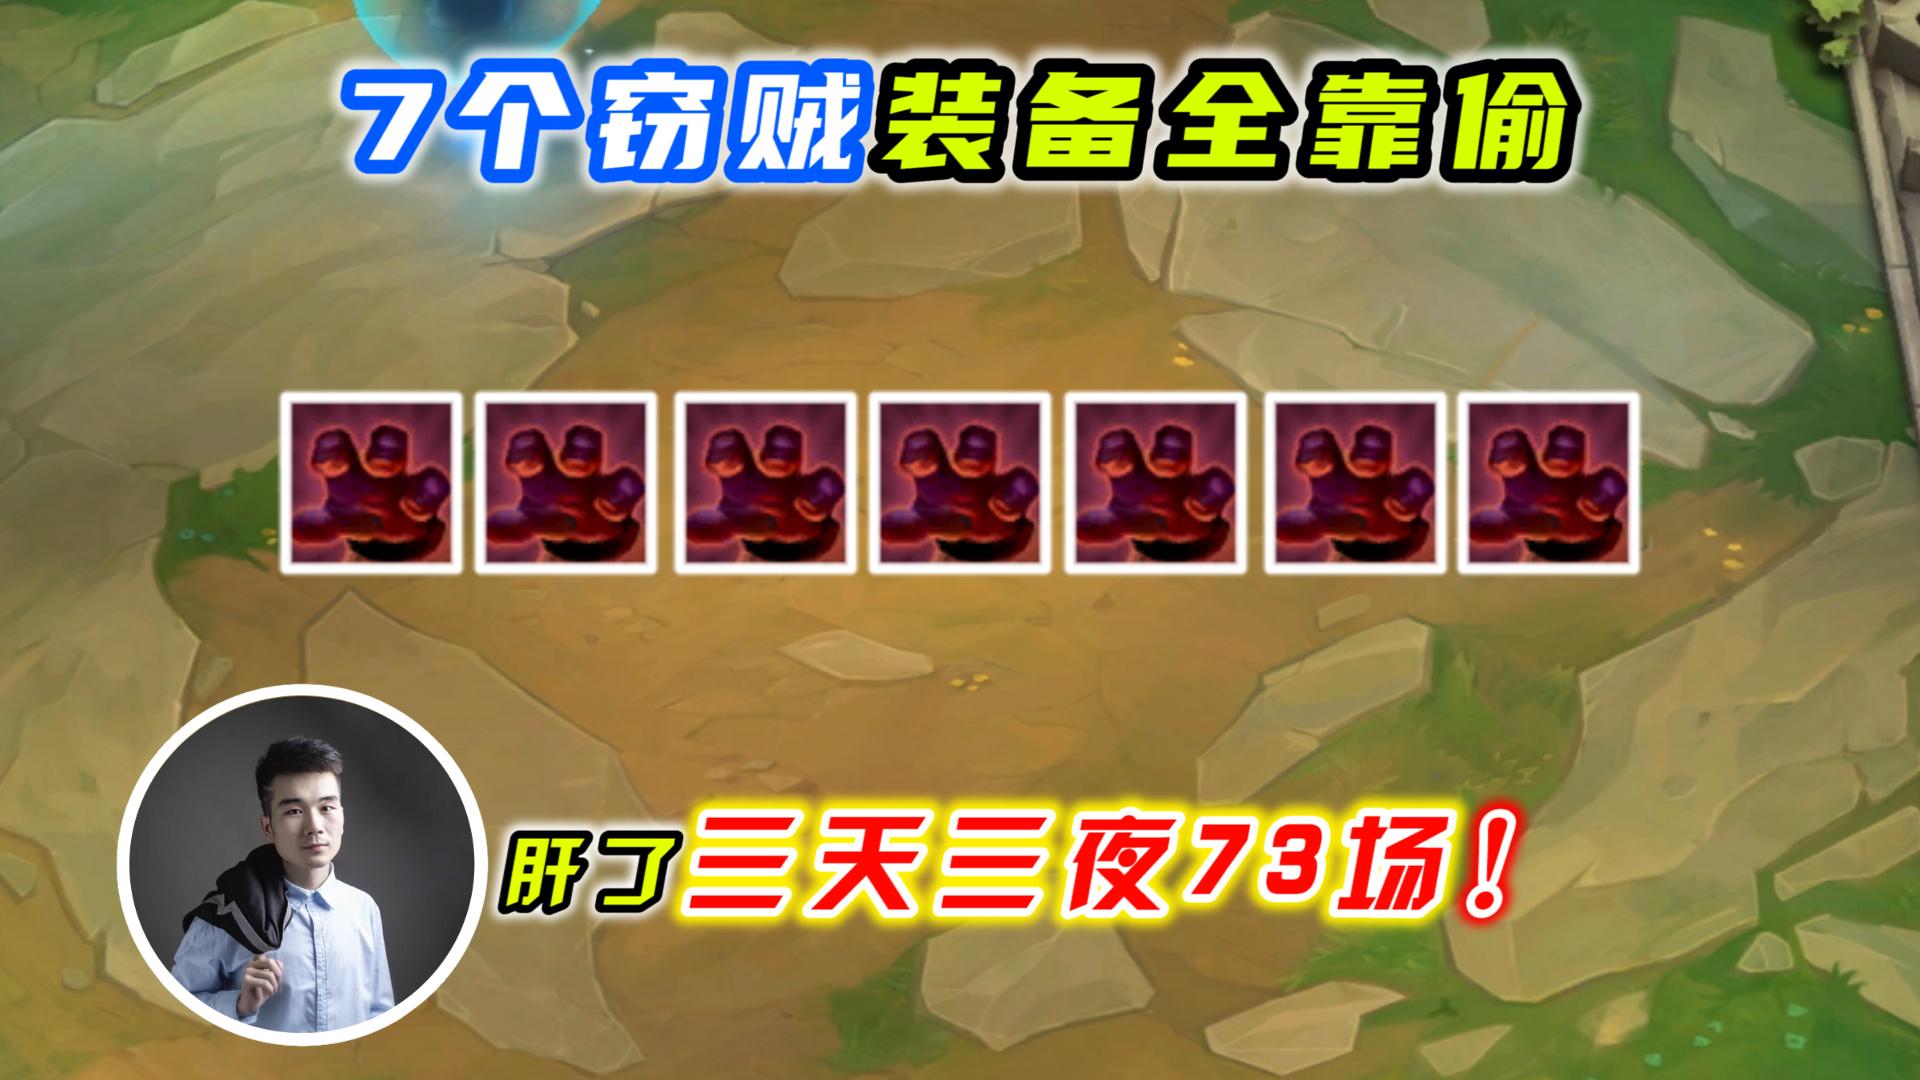 云顶之弈S4:7个窃贼装备全靠偷,肝了三天三夜73场!